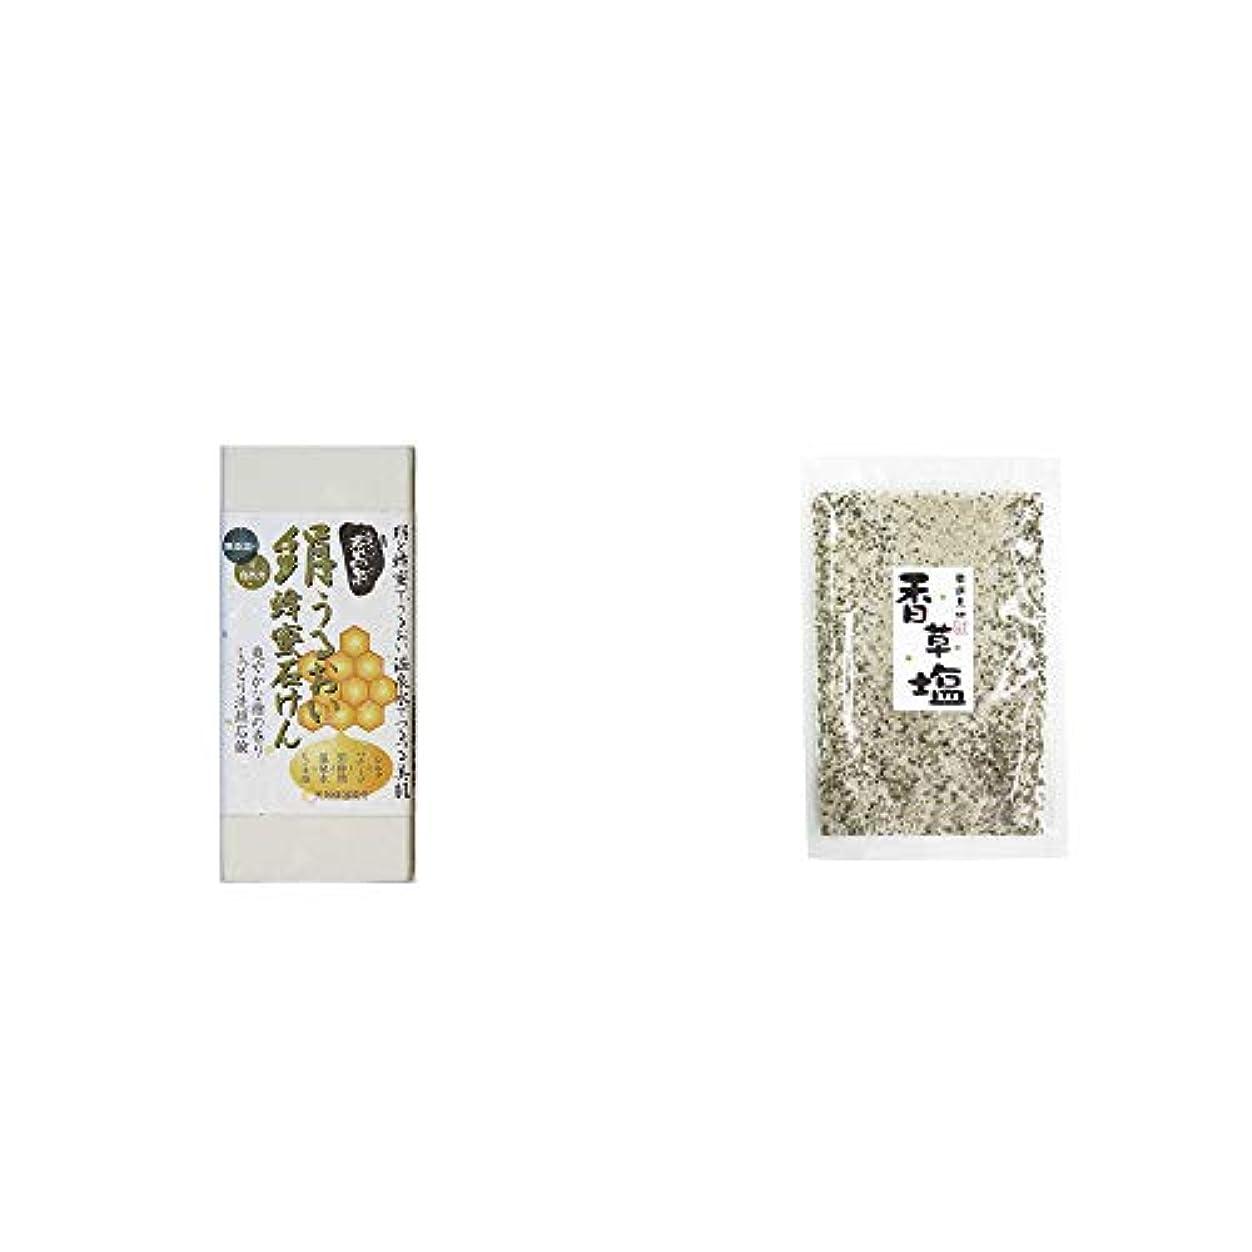 ヤング買い物に行く願う[2点セット] ひのき炭黒泉 絹うるおい蜂蜜石けん(75g×2)?香草塩 [袋タイプ](100g)